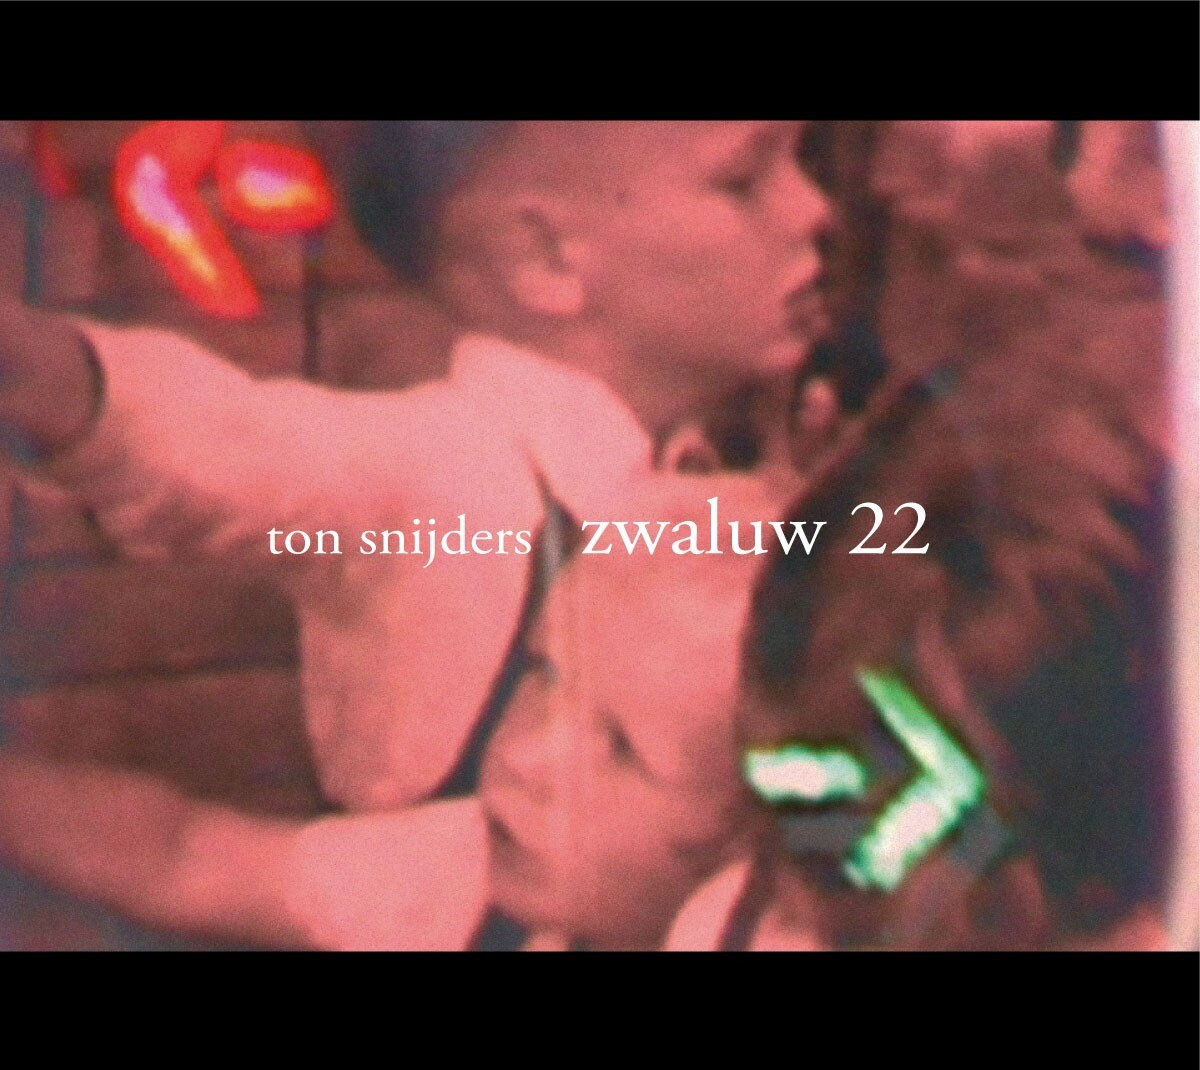 Ton Snijders - Zwaluw 22 (2007) Gesigneerd